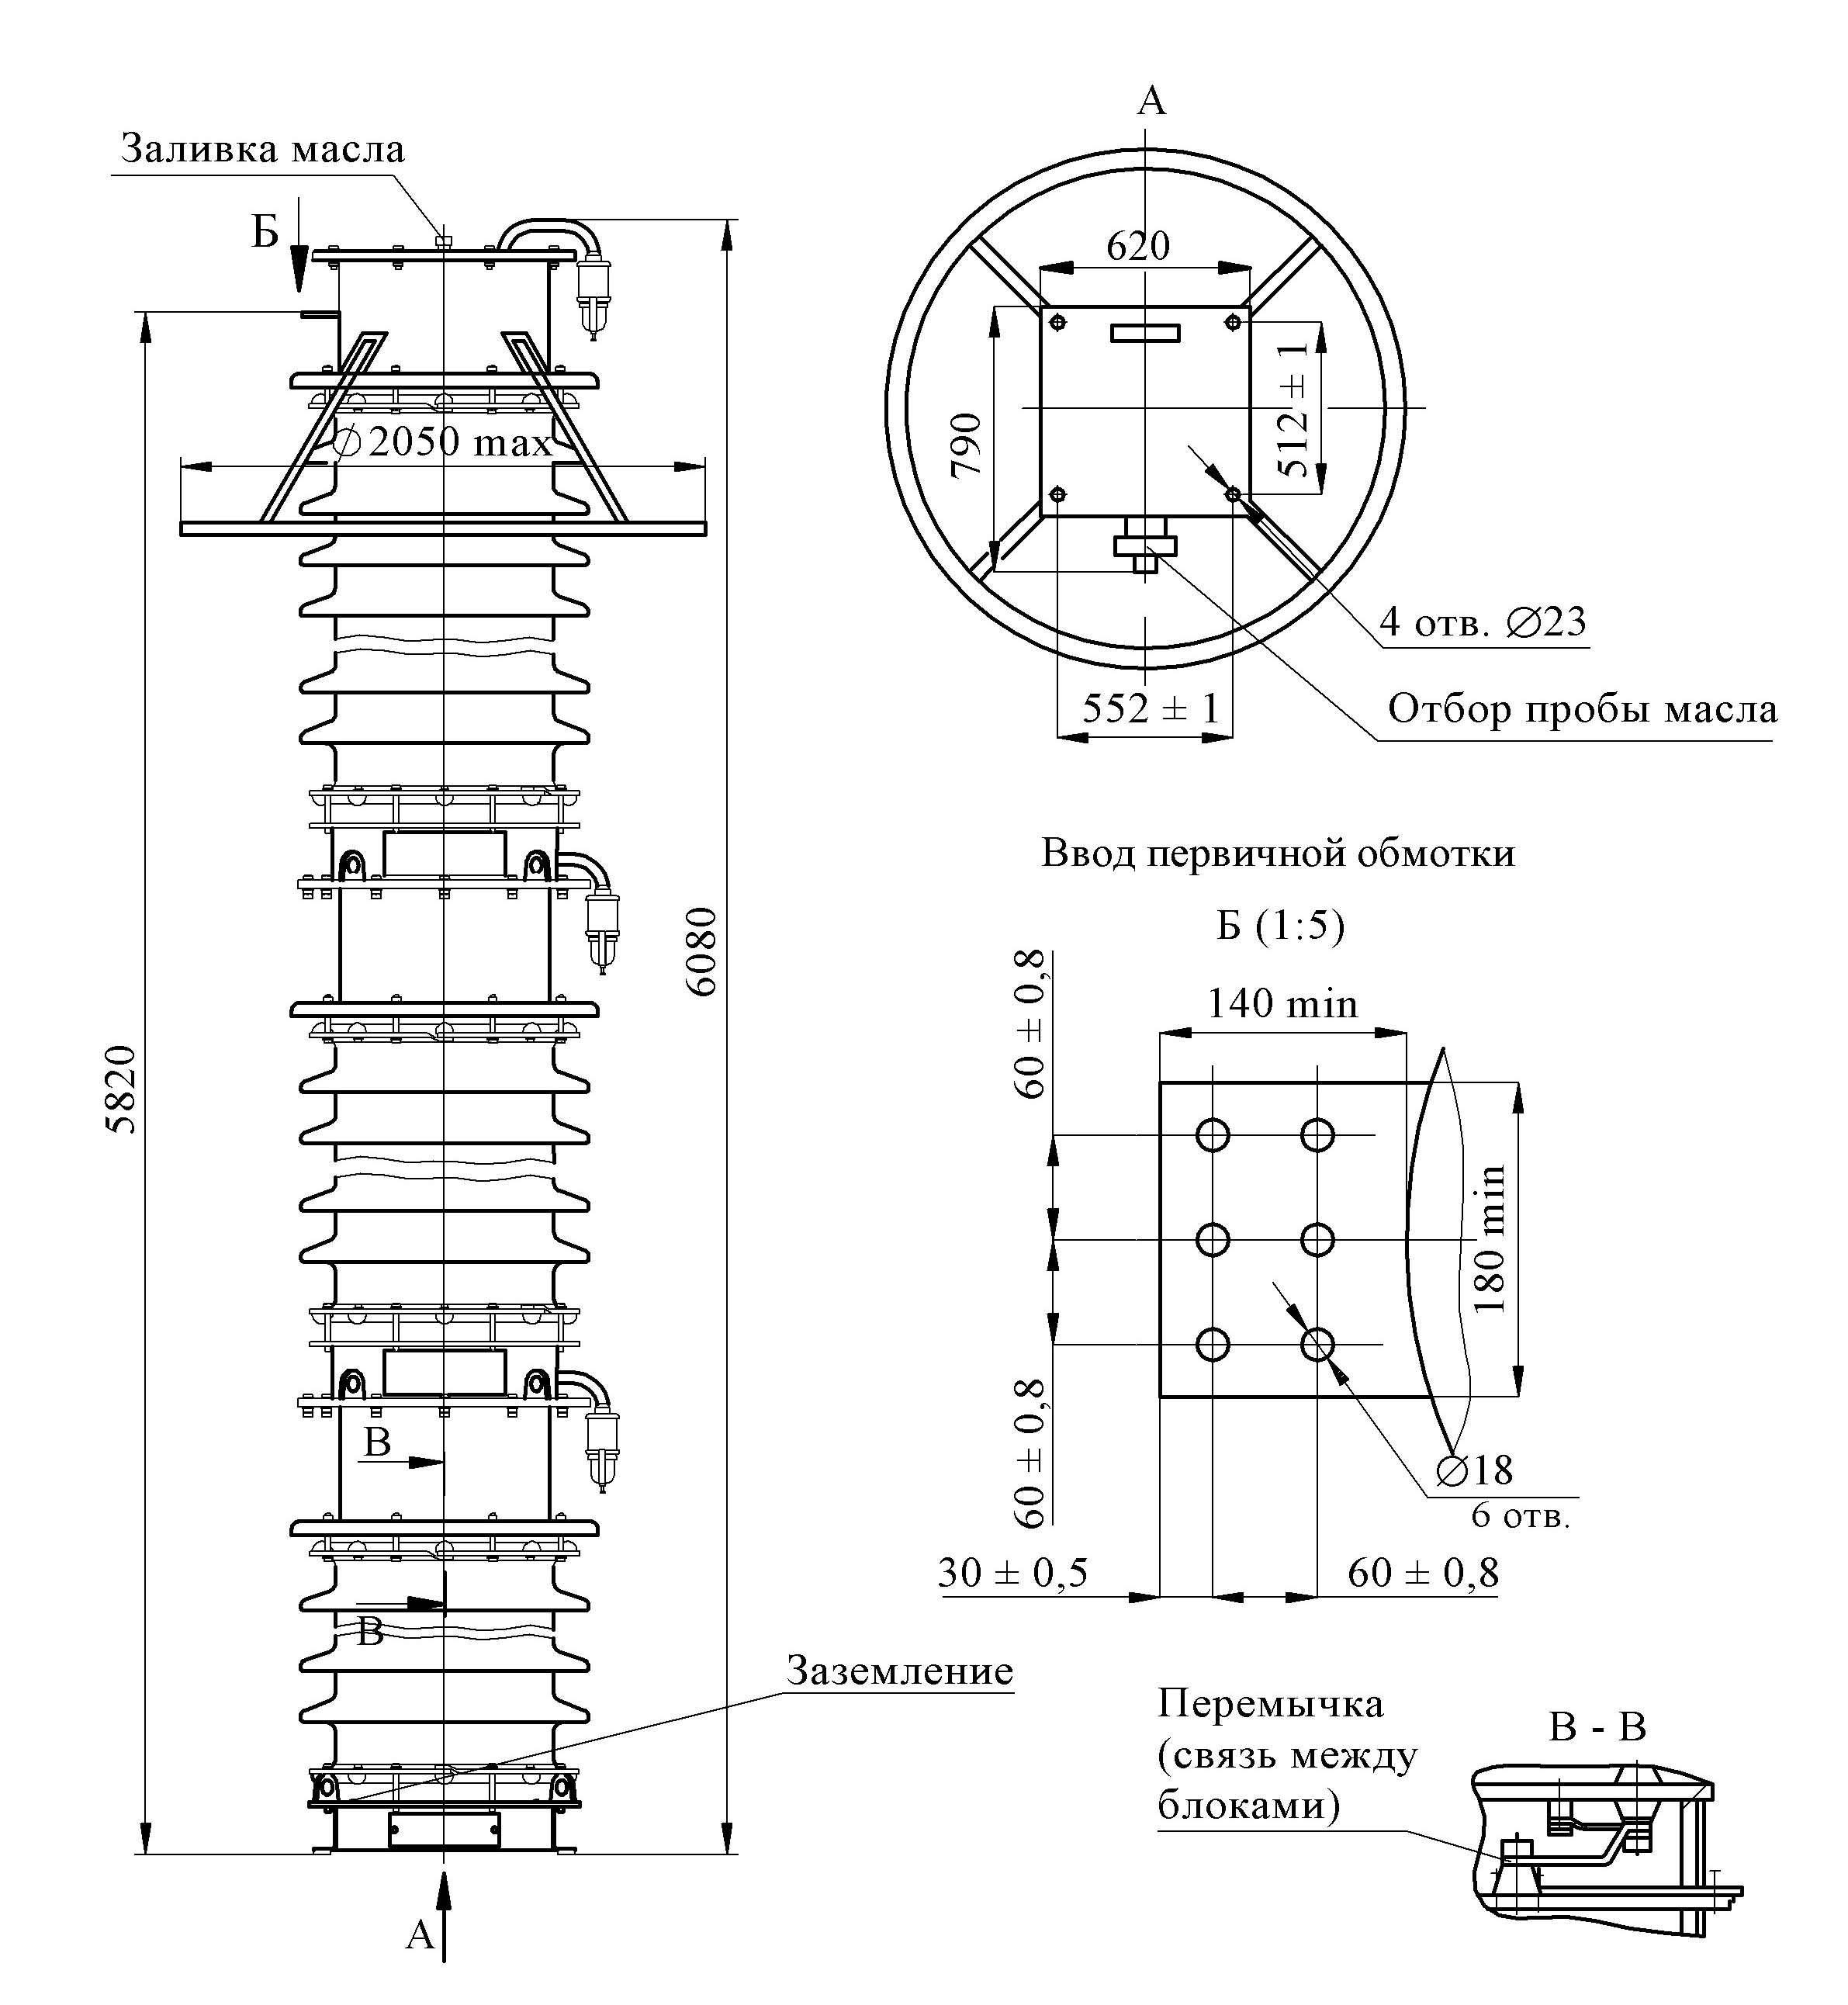 Трансформатор напряжения НКФ–М-500 I Т1 (экспорт, класс точности 1,0)